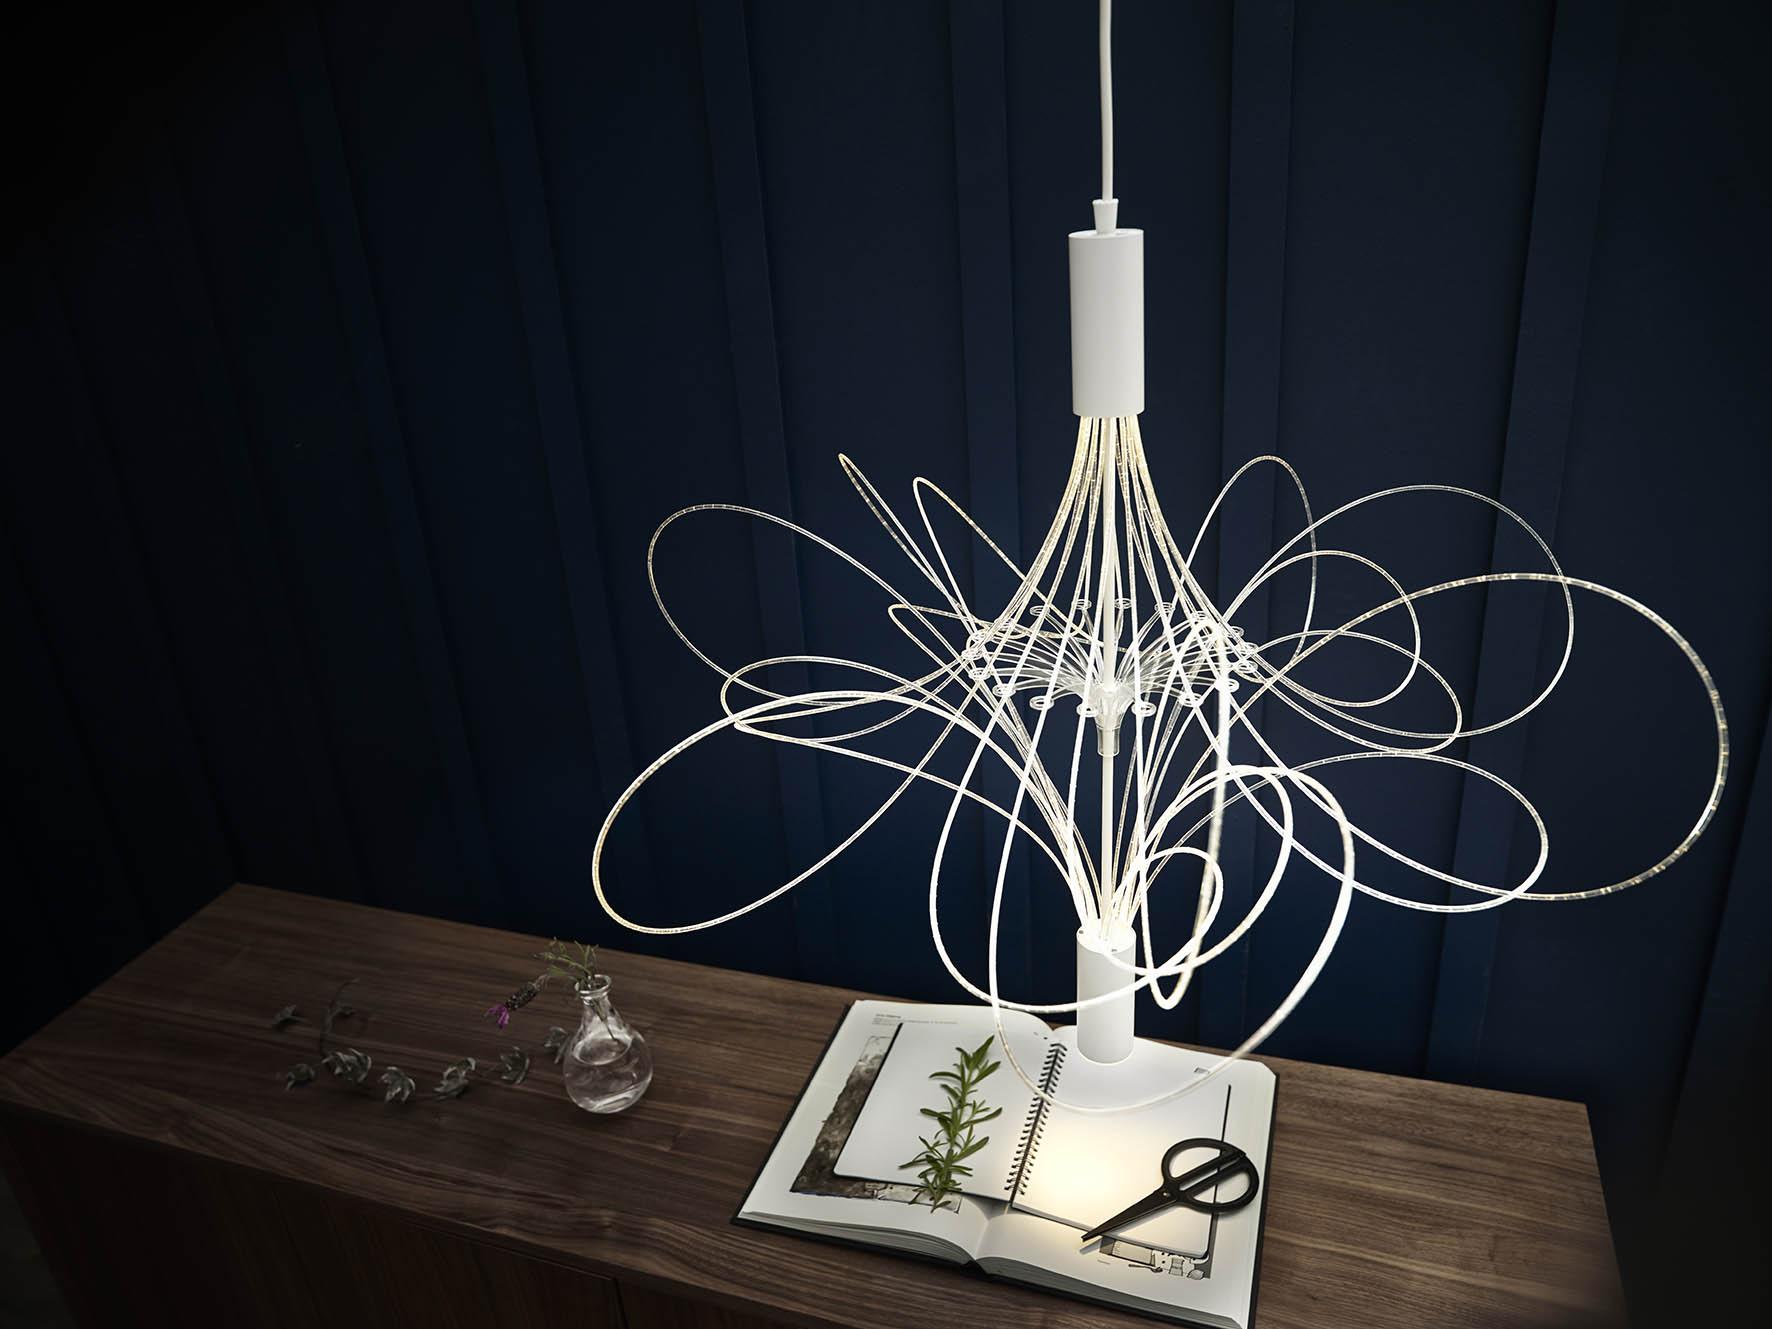 Ikea schakelt over op verkoop milieuvriendelijke led verlichting ...